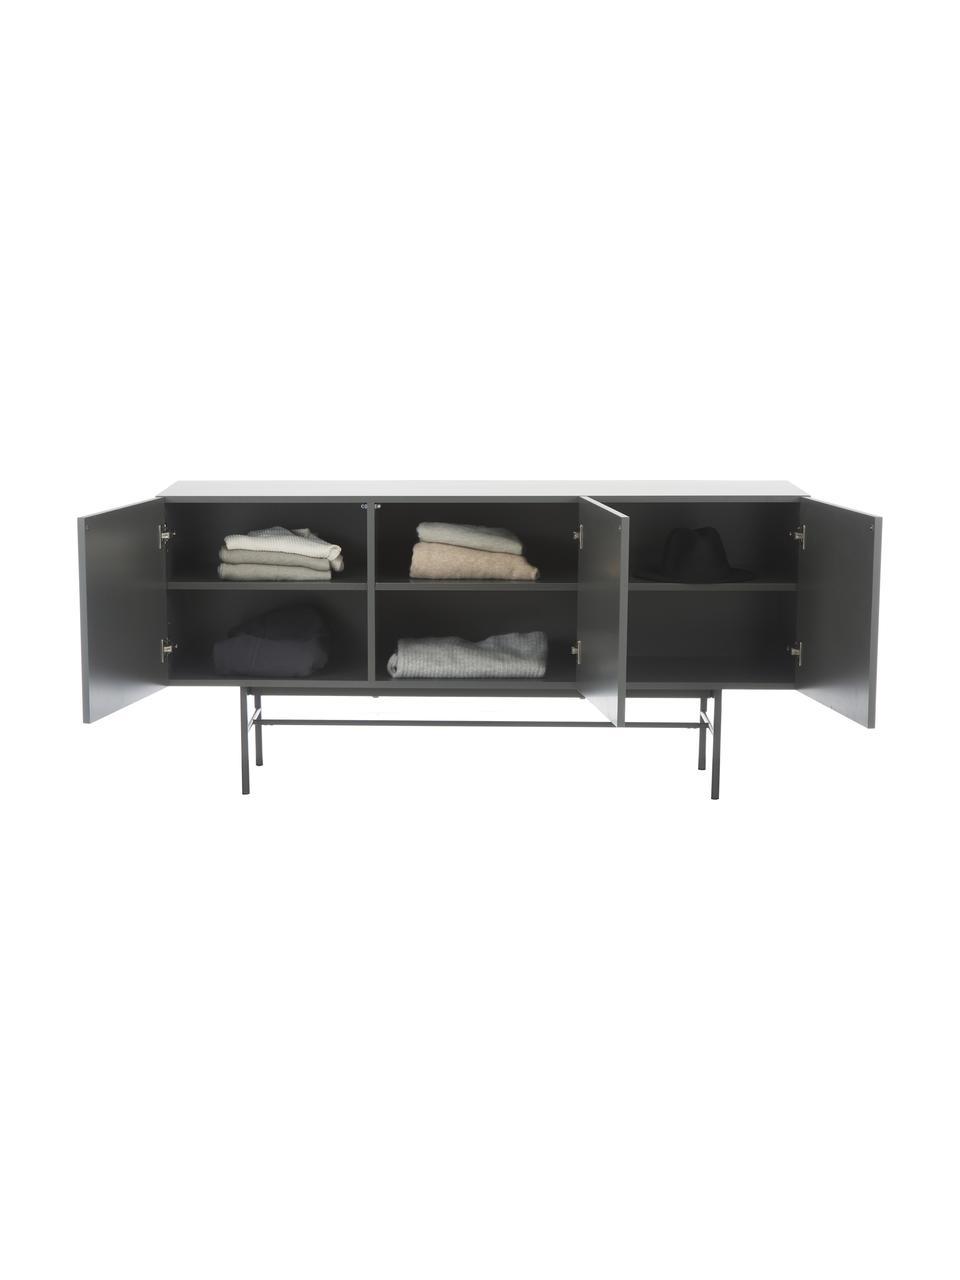 Modernes Sideboard Anders mit 3 Türen in Grau, Korpus: Mitteldichte Holzfaserpla, Füße: Metall, pulverbeschichtet, Grau, 160 x 79 cm